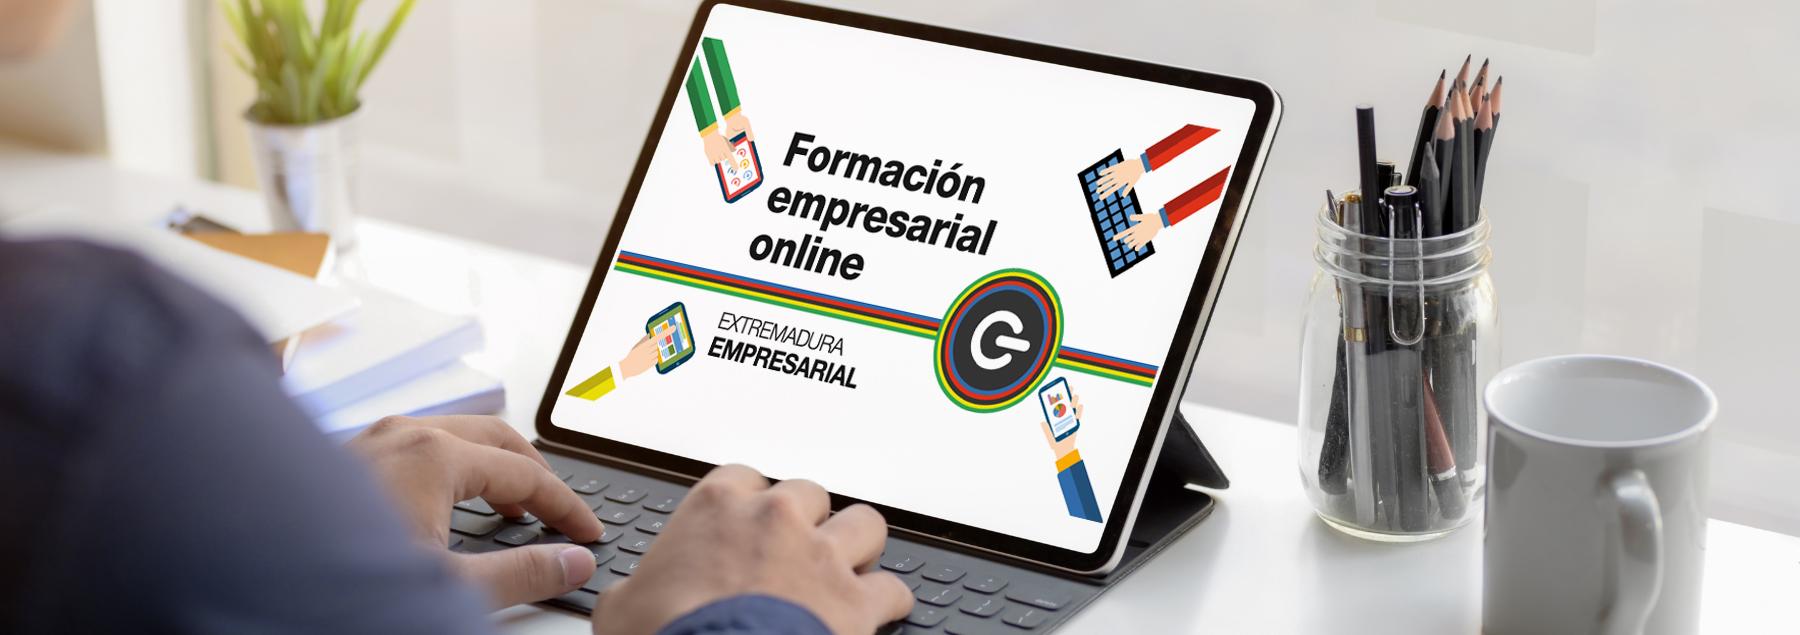 Formación online emprendimiento